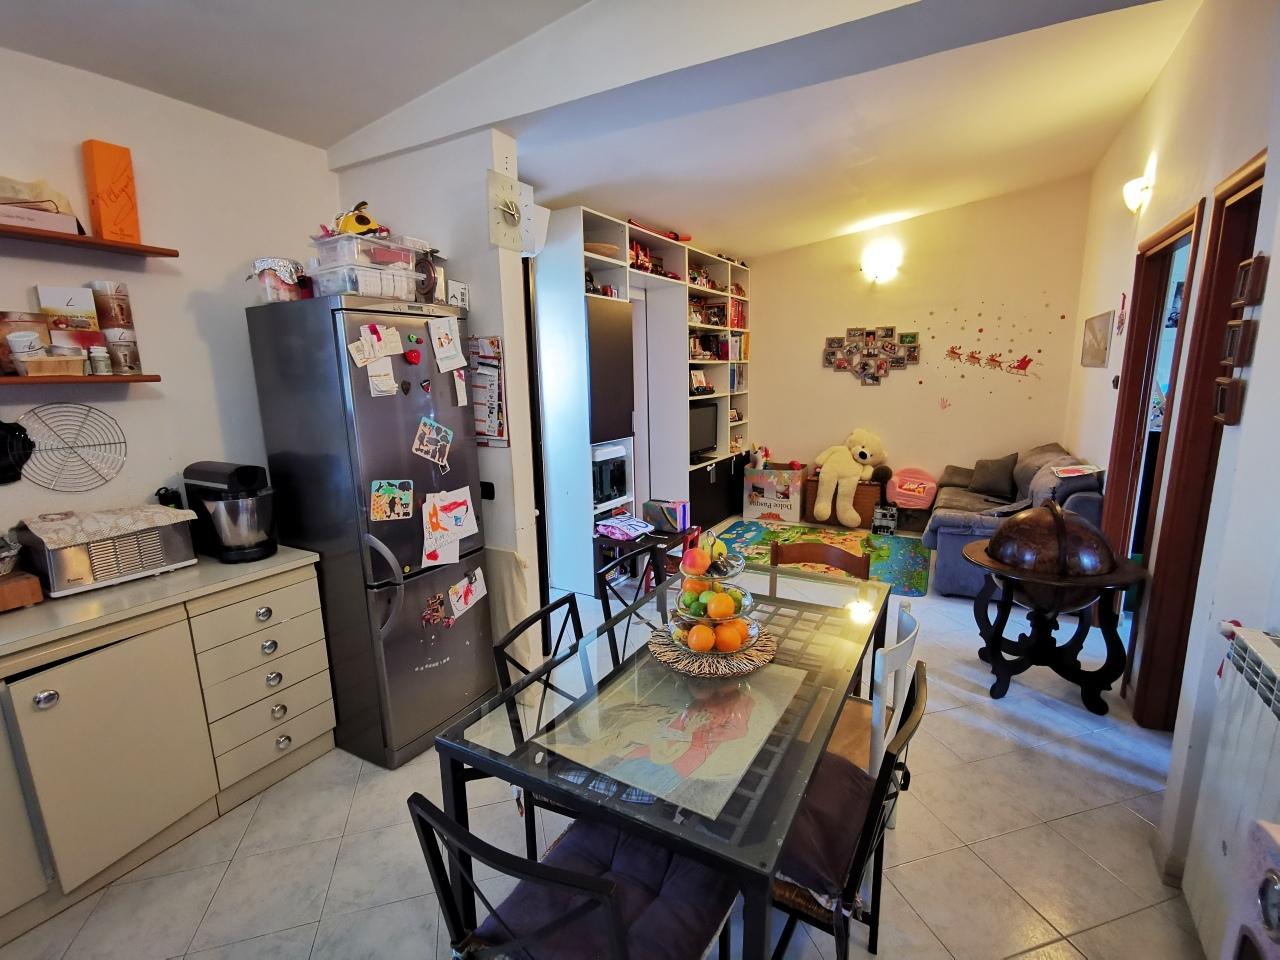 Appartamento in vendita a Vado Ligure, 3 locali, prezzo € 118.000 | PortaleAgenzieImmobiliari.it